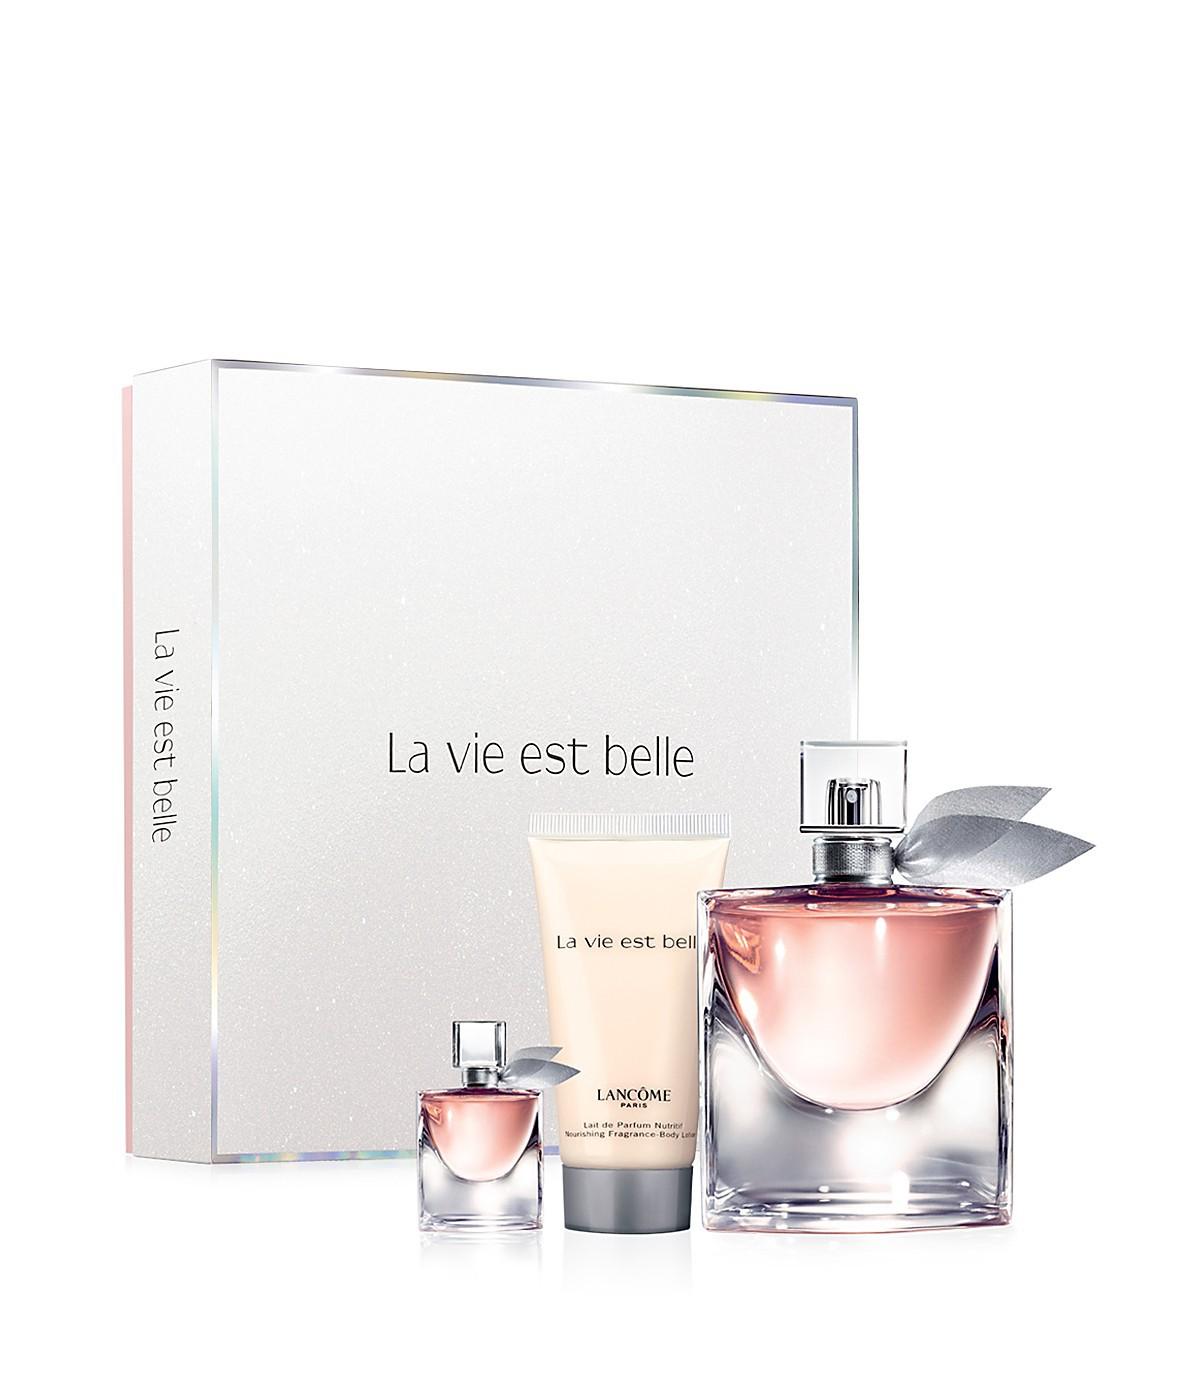 Lancome La Vie Est Belle Eau de Parfum аромат для женщин